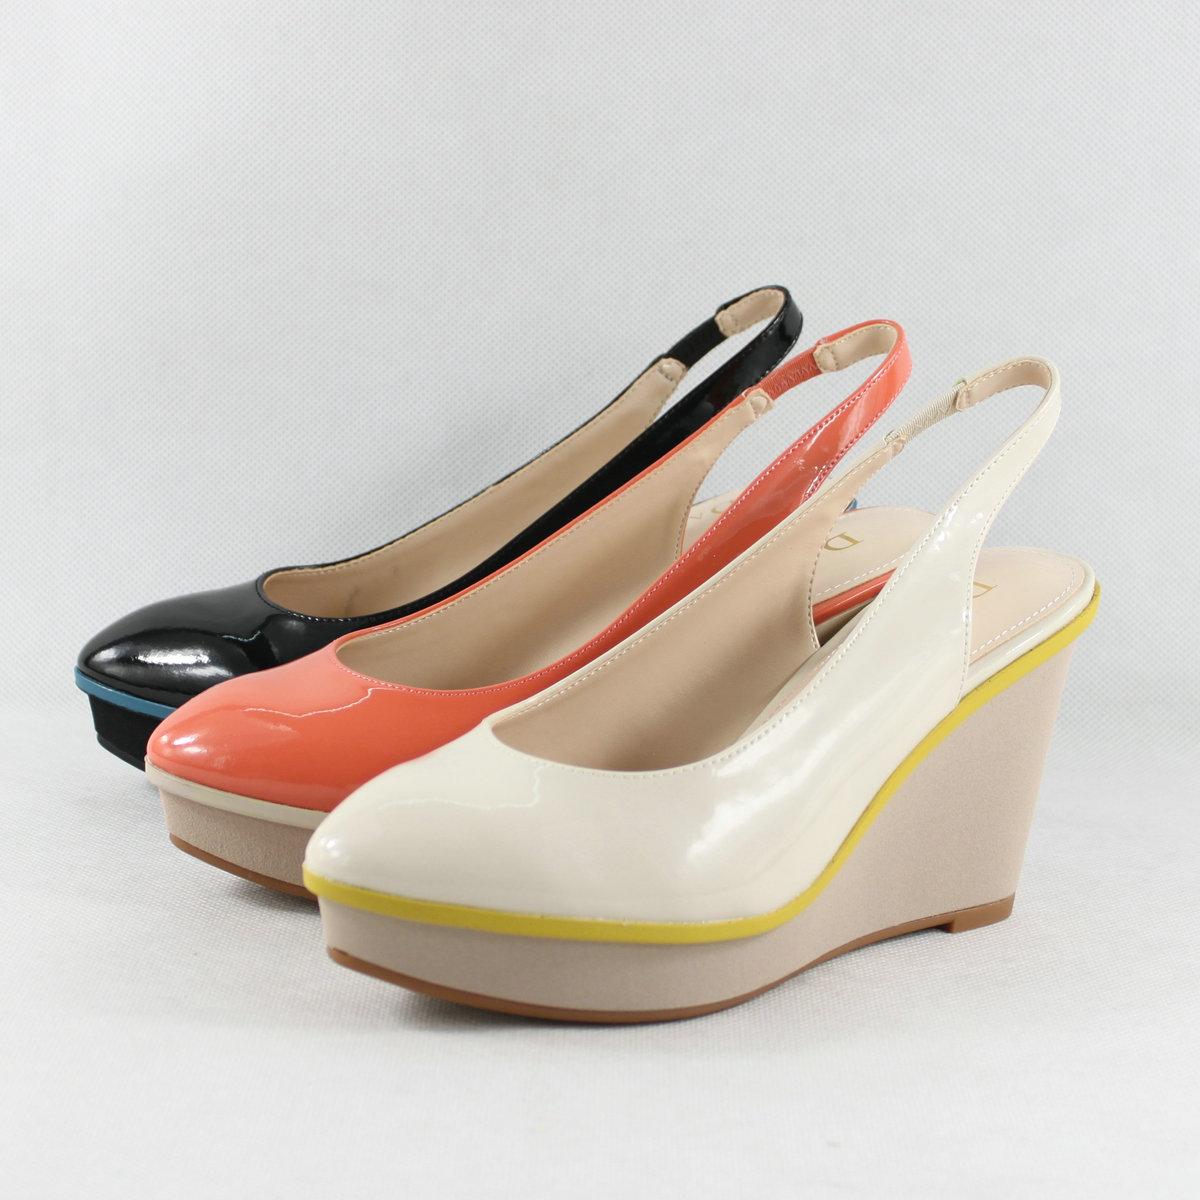 达芙妮单鞋 Daphne达芙妮中空纯色亮面坡跟女单鞋1013102071_推荐淘宝好看的女达芙妮单鞋